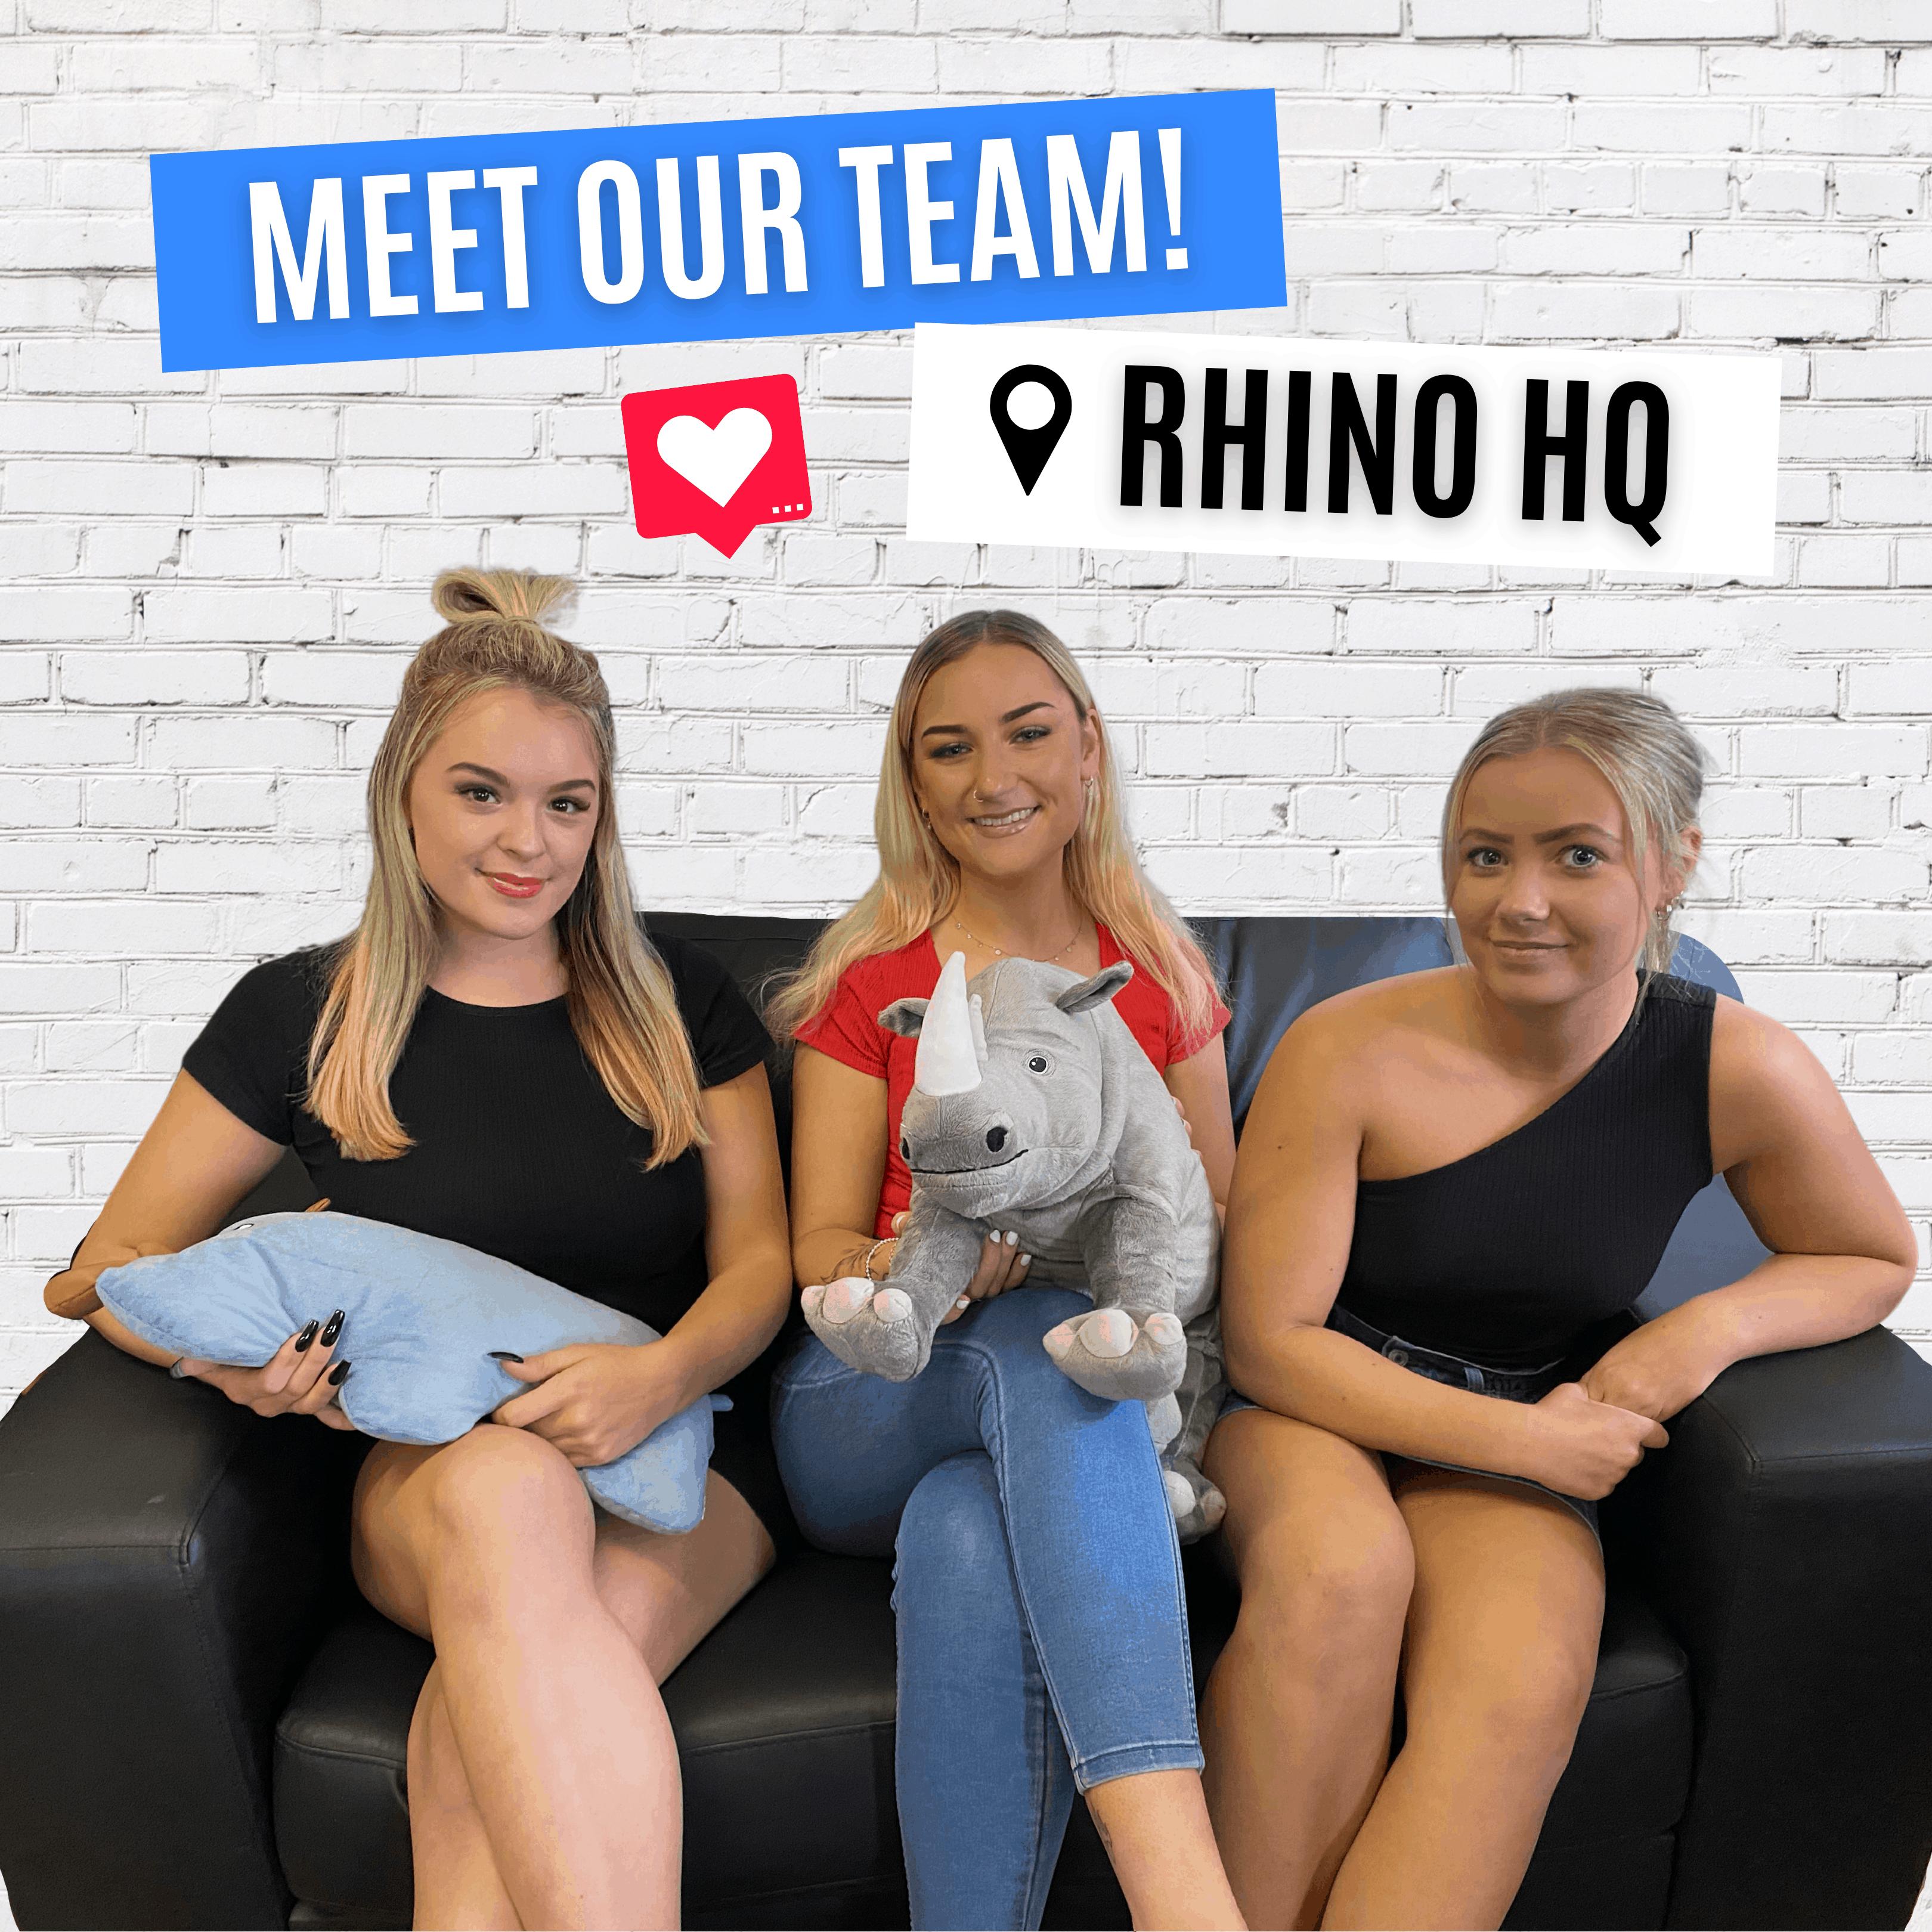 Rhino Our Team